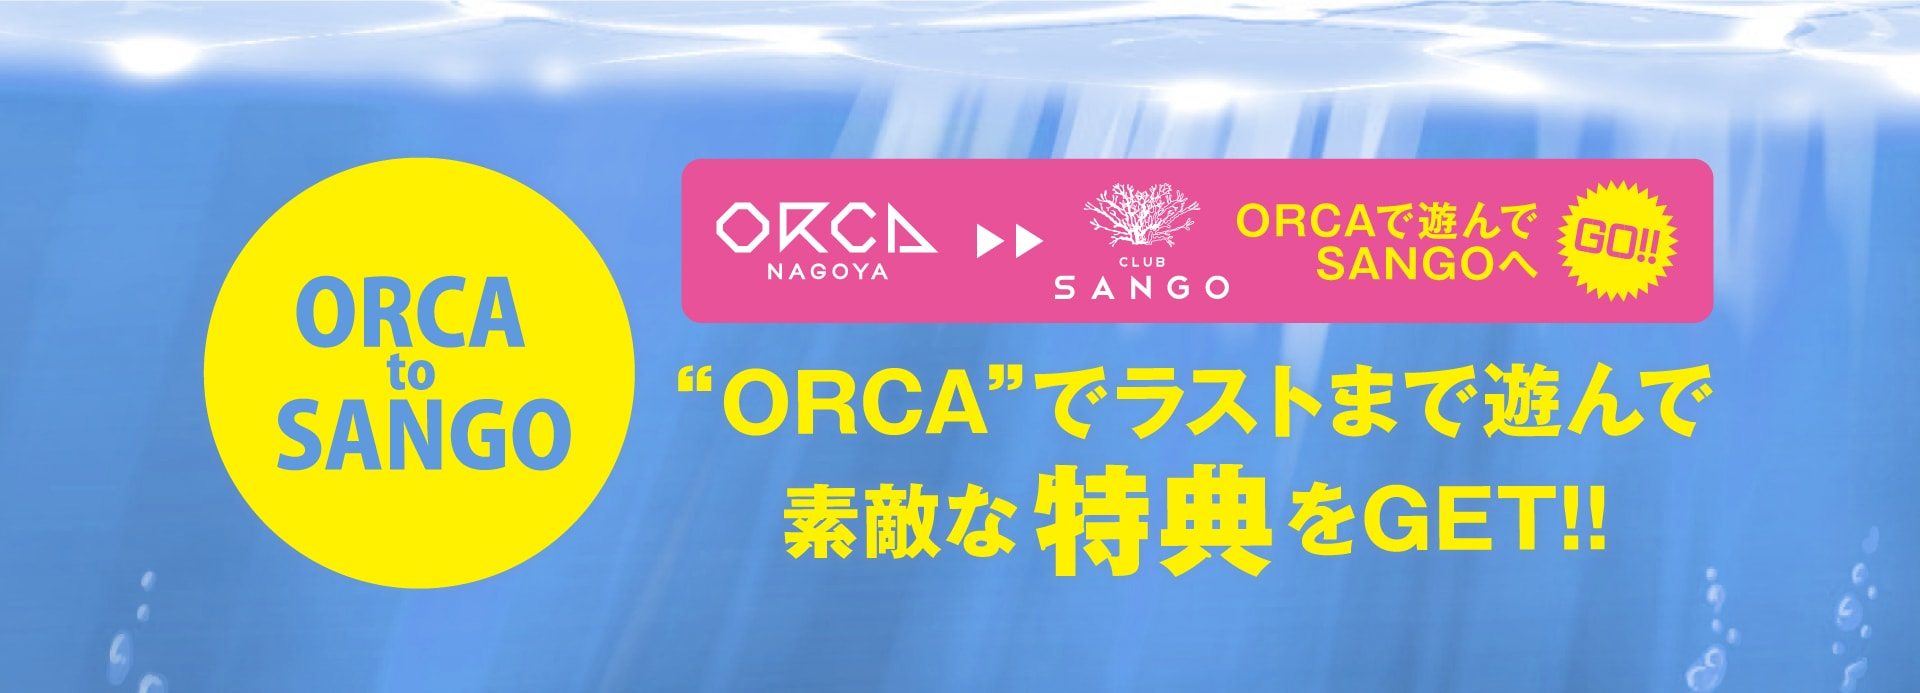 ORCA NAGOYAで遊んでSANGOへGO!ORCAでラストまで遊んでSANGOに来ると超お得!